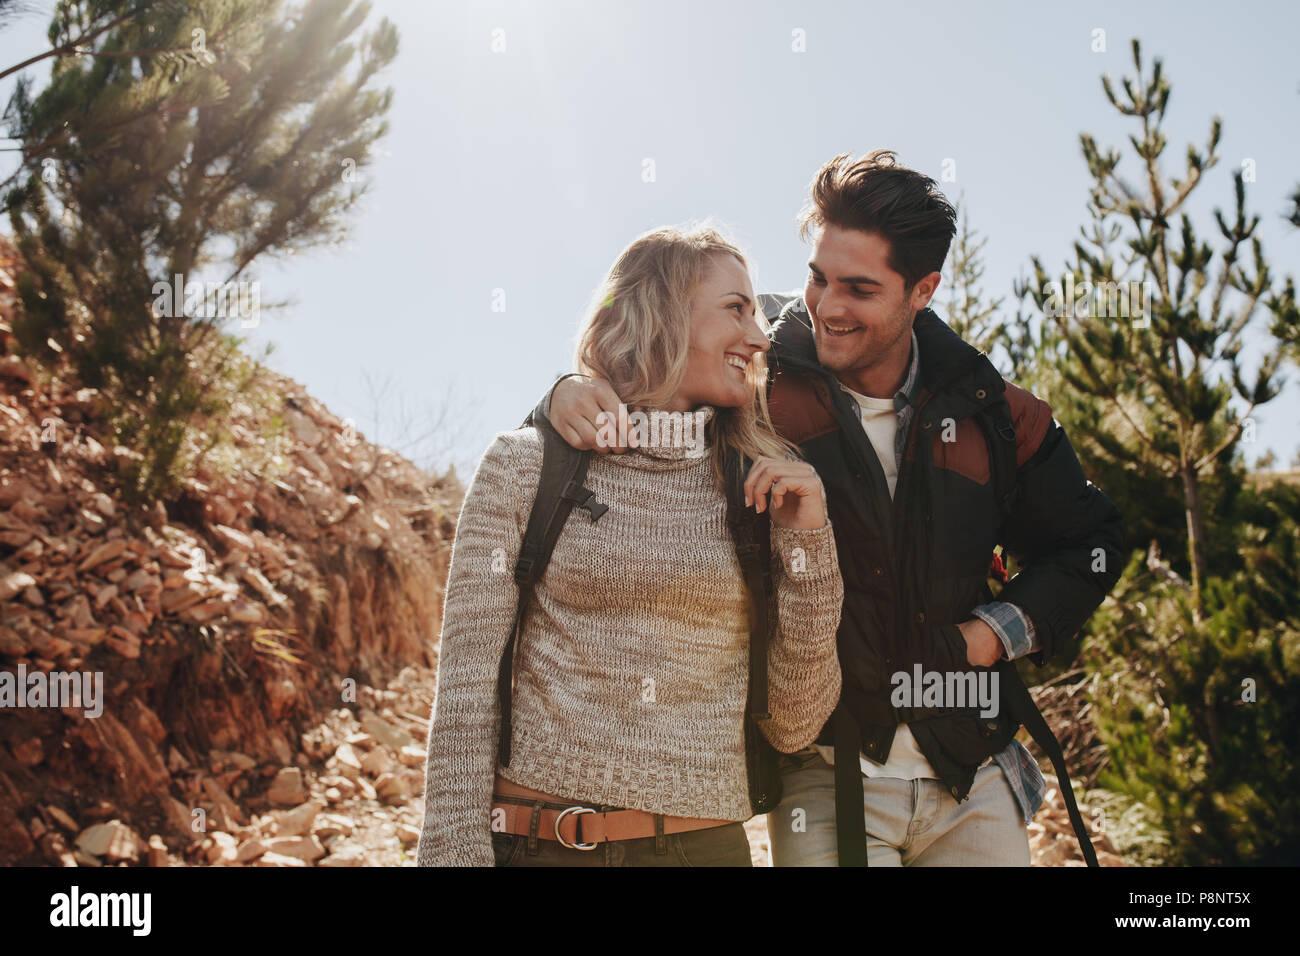 Matura in amore su una escursione in montagna. L uomo e la donna con zaino camminando sul sentiero di montagna e guardando ogni altra sorridente. Immagini Stock